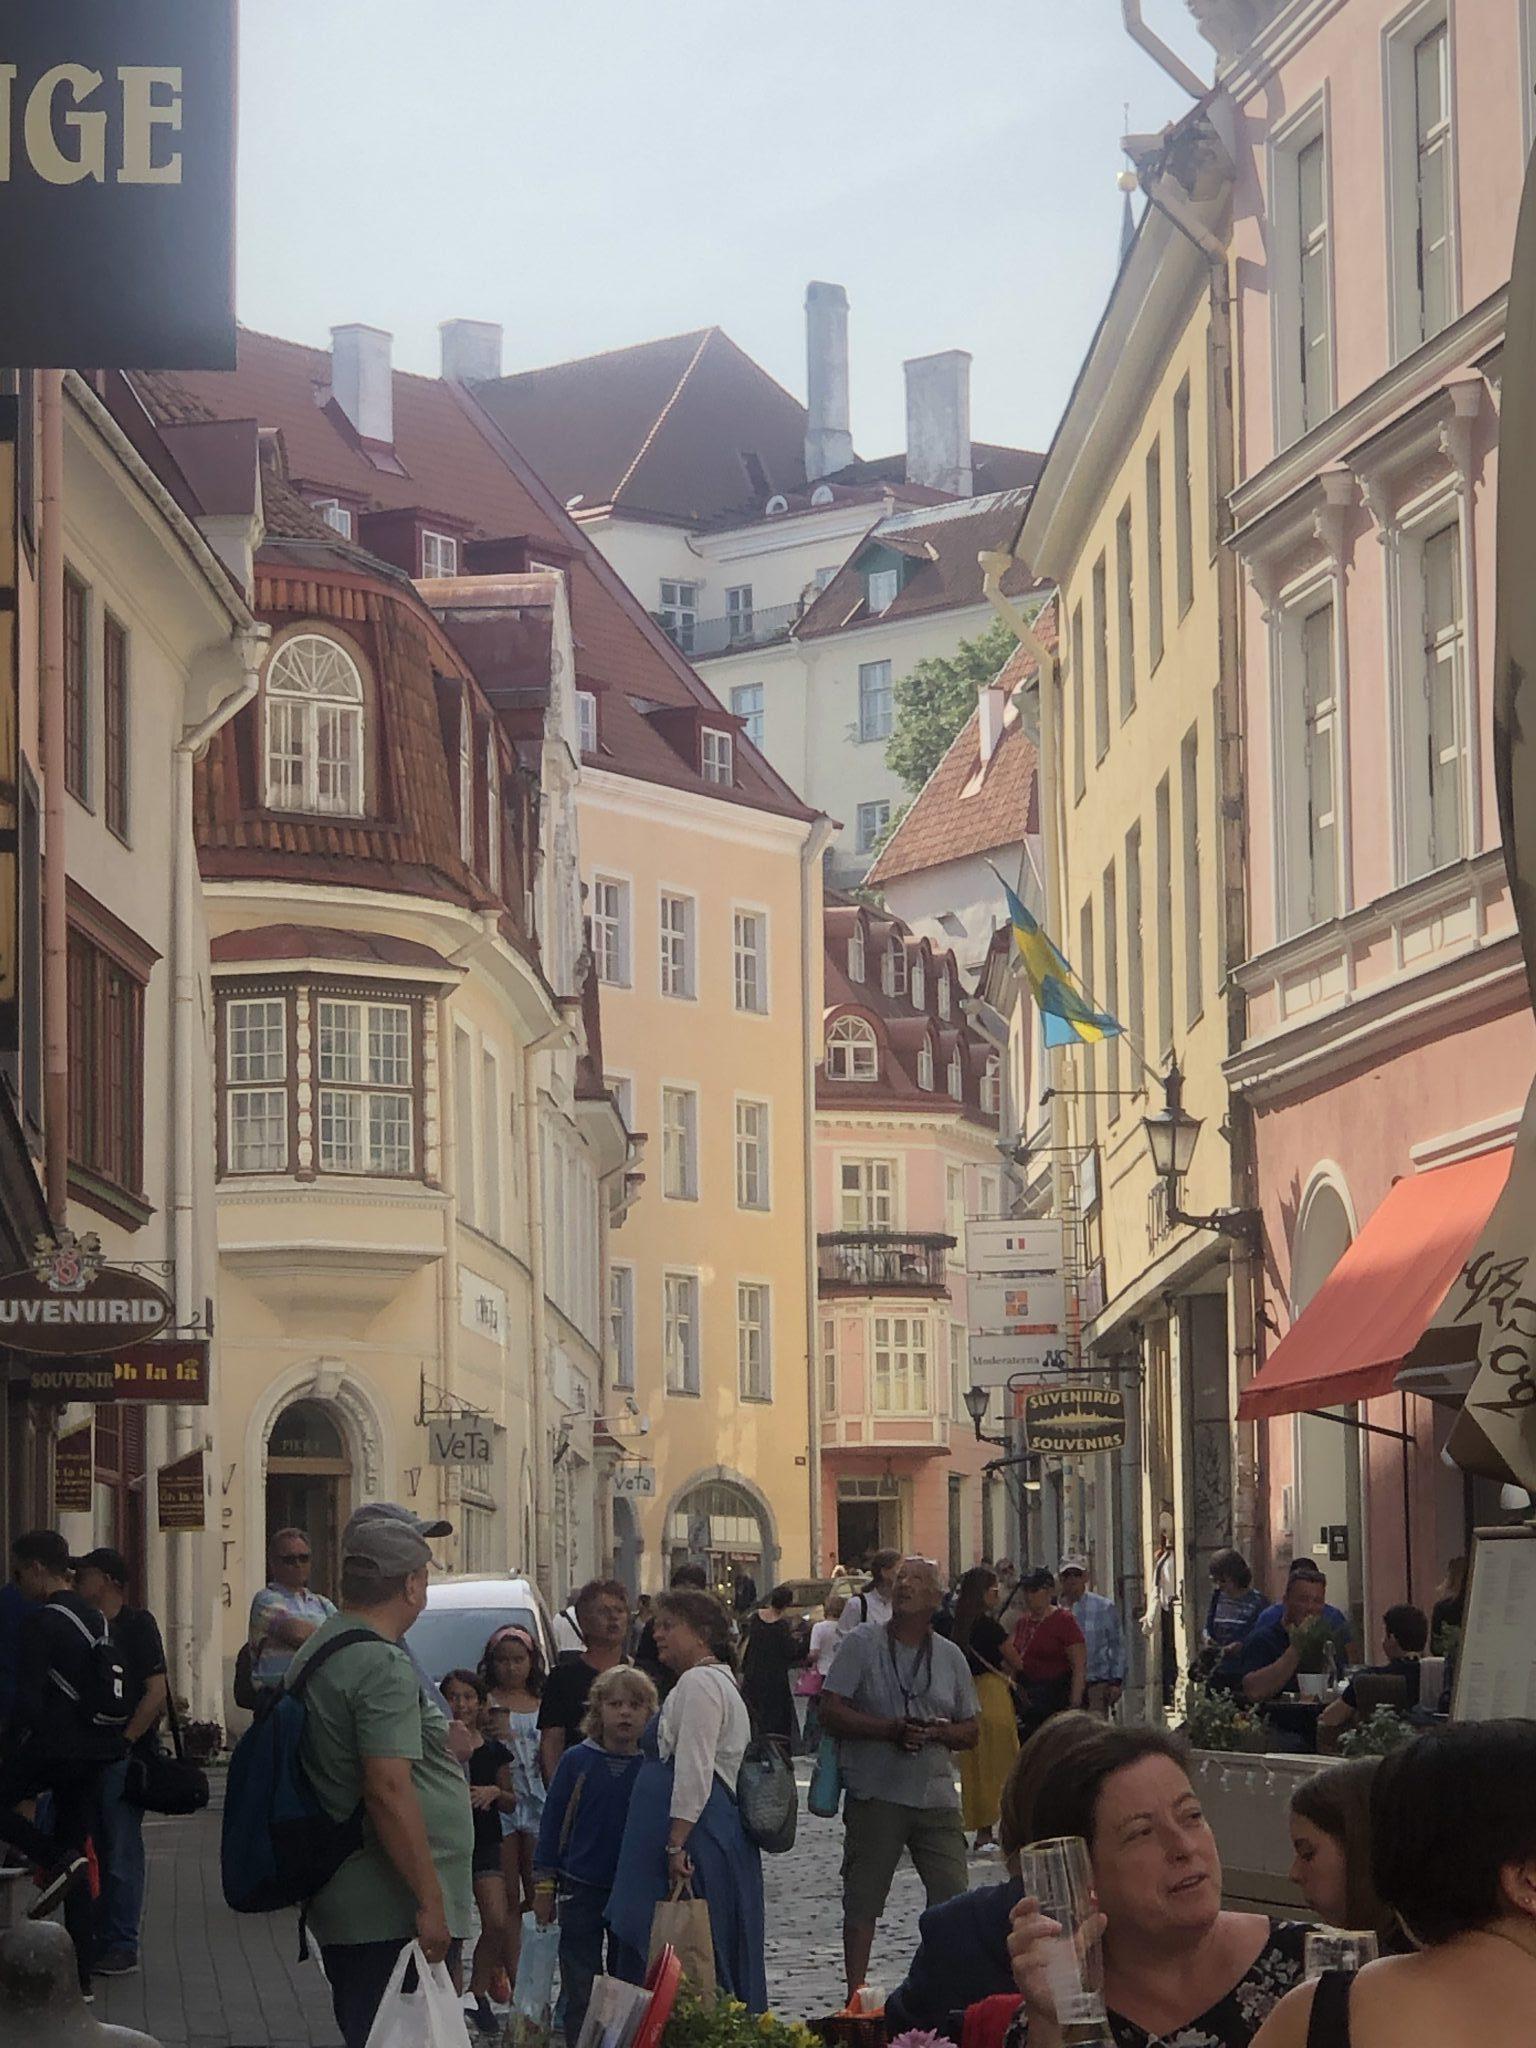 Das historische Tallinn mit engen Gassen ist voll von Touristen